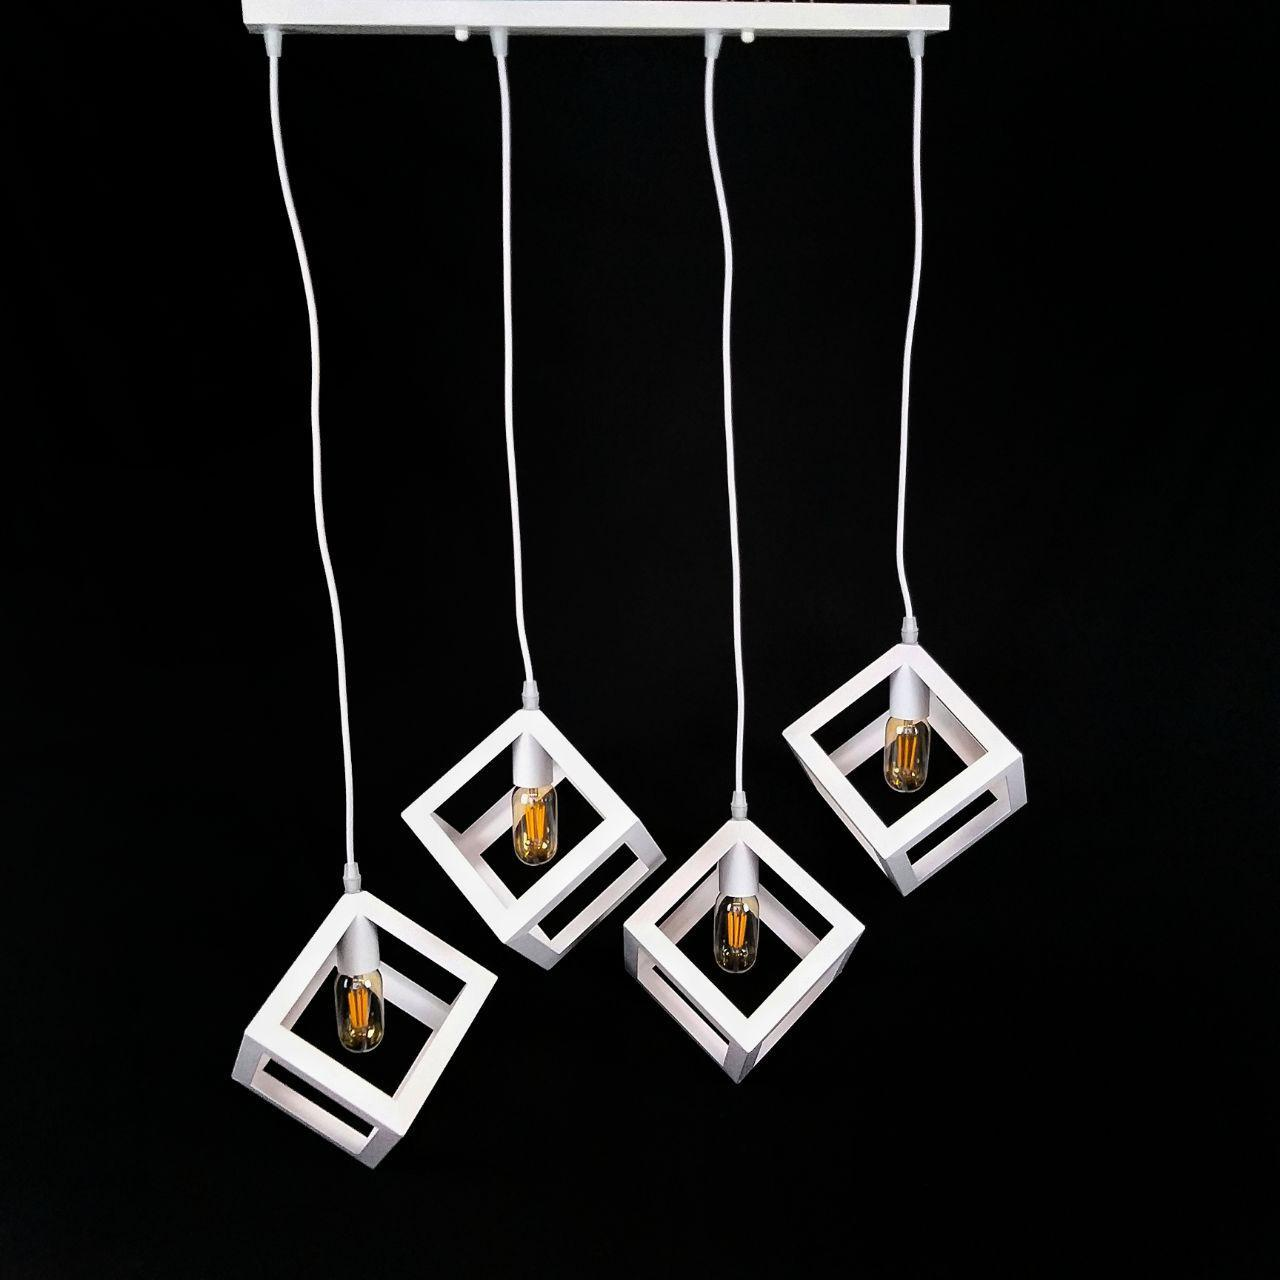 Люстра підвісна на 4 лампи лофт білого кольору куби YS-TY001-A/4 WH